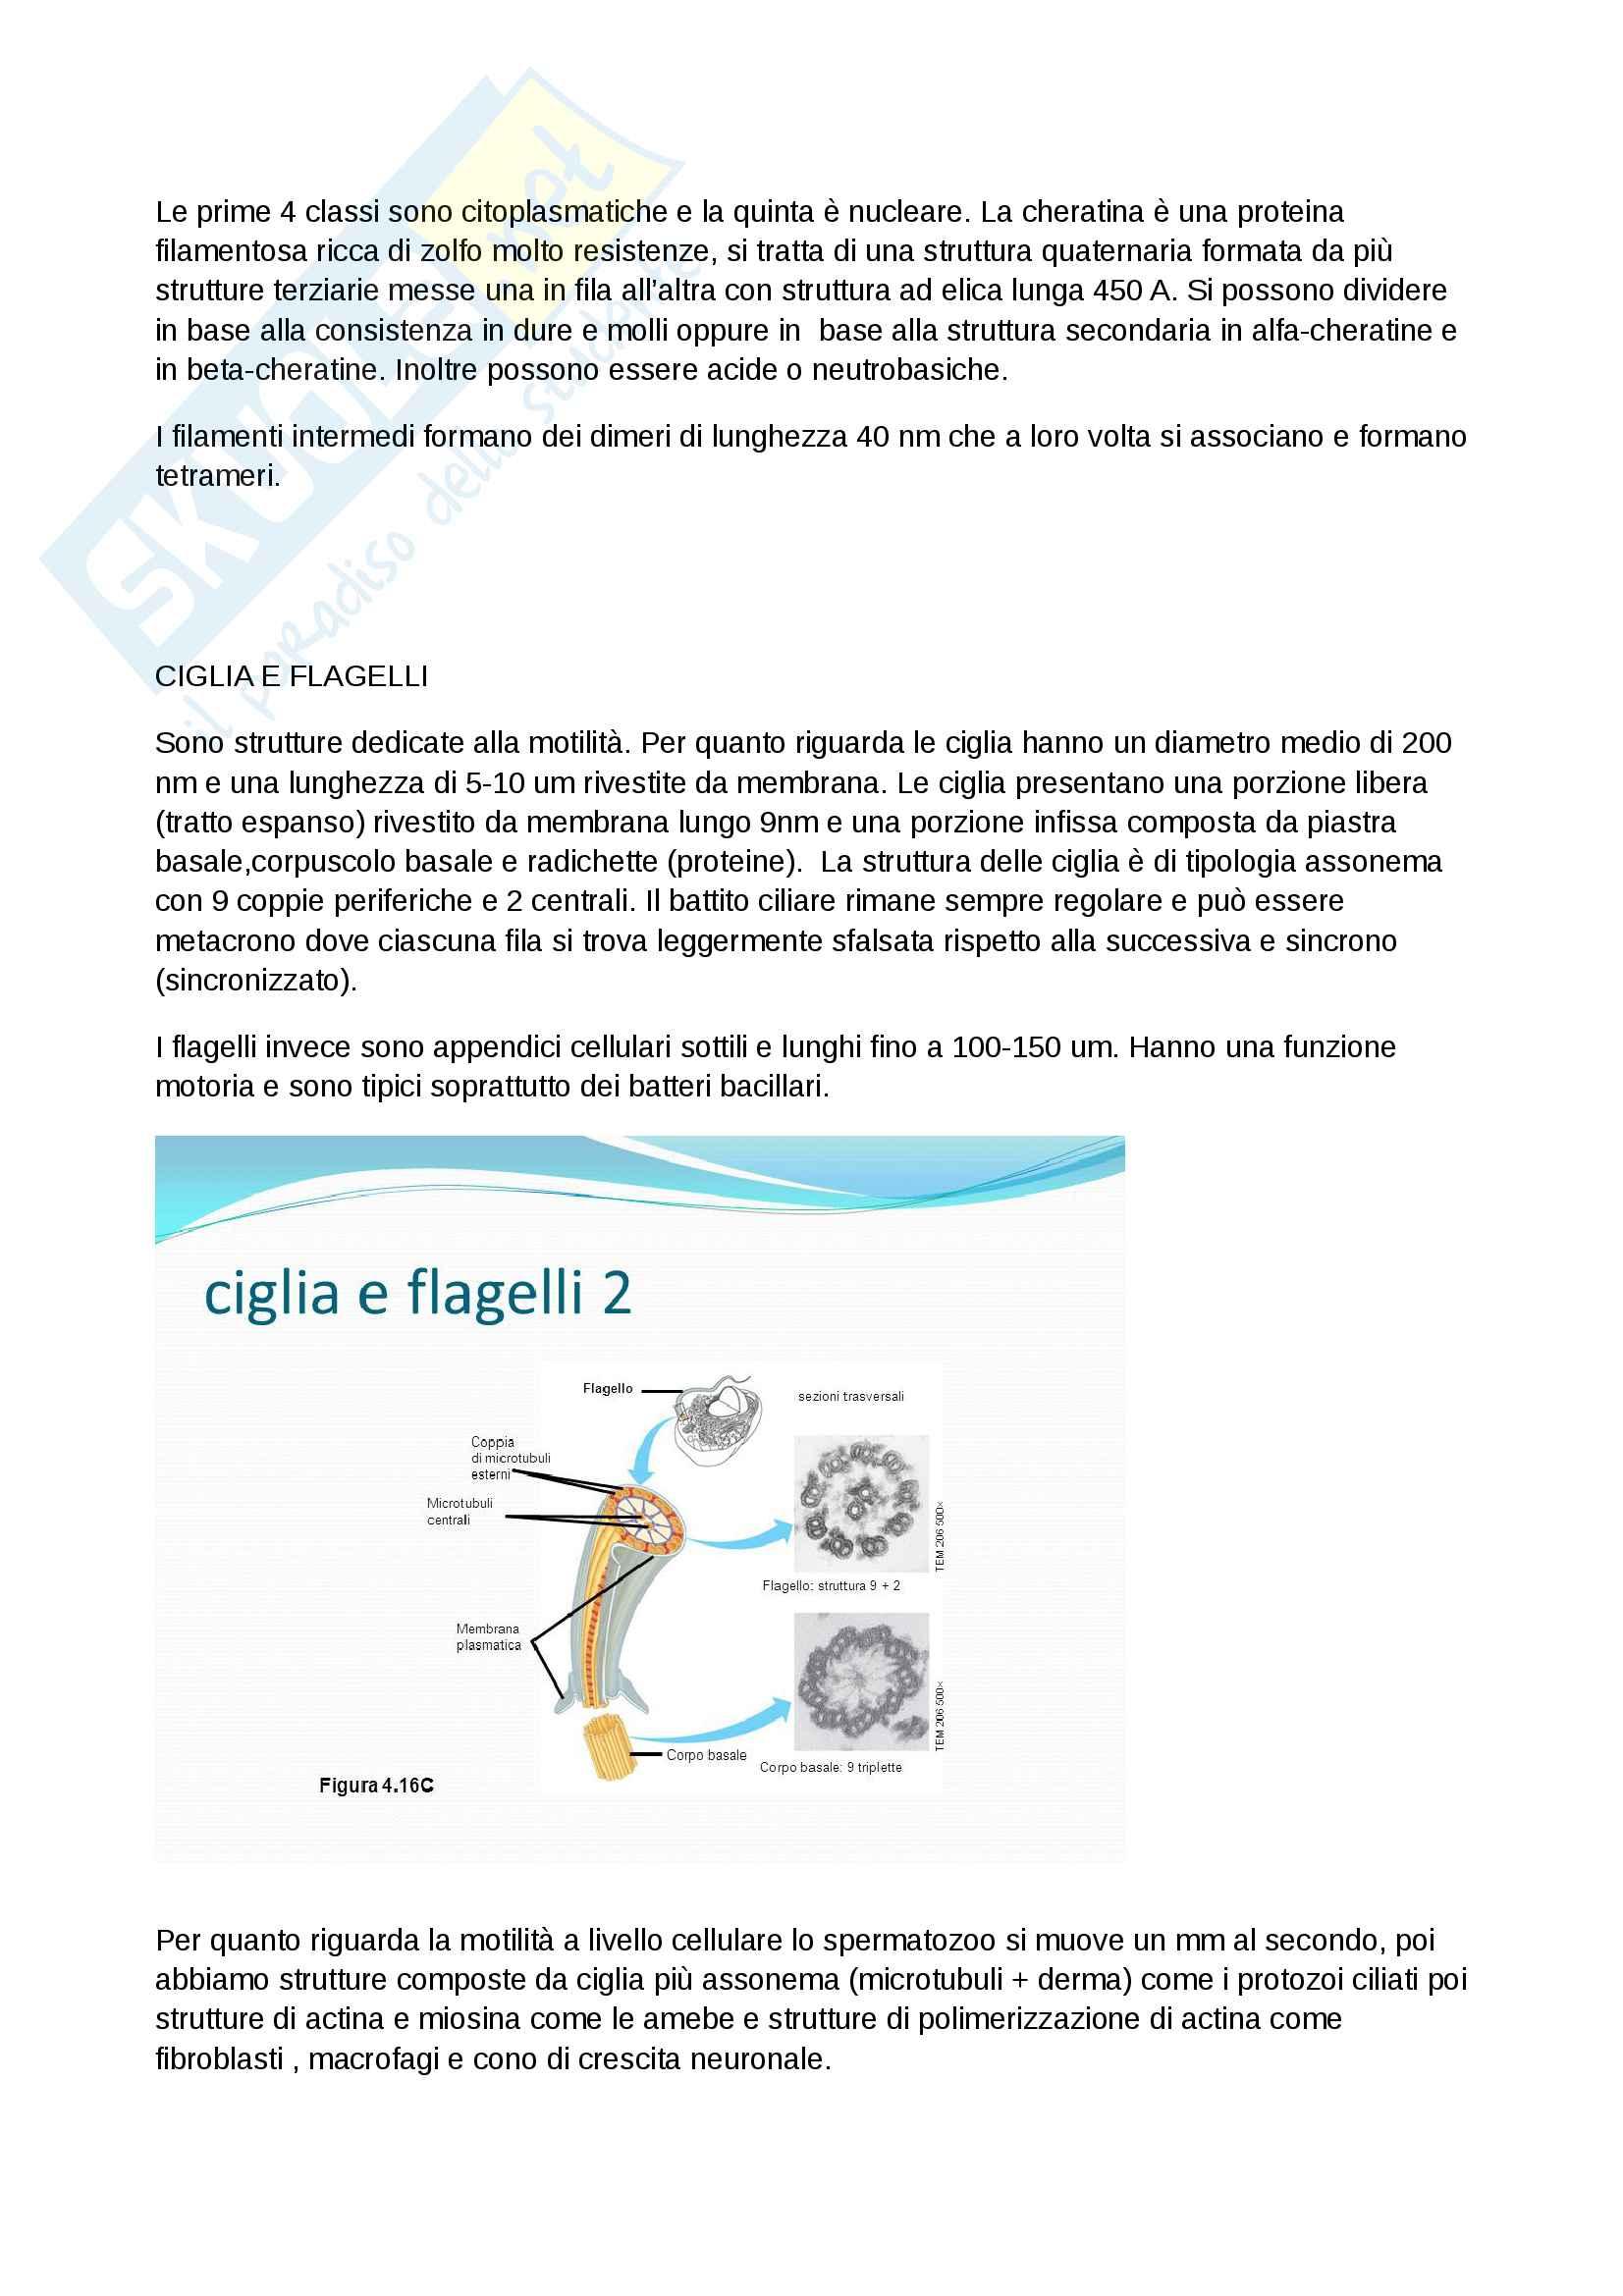 Riassunti di citologia Pag. 11